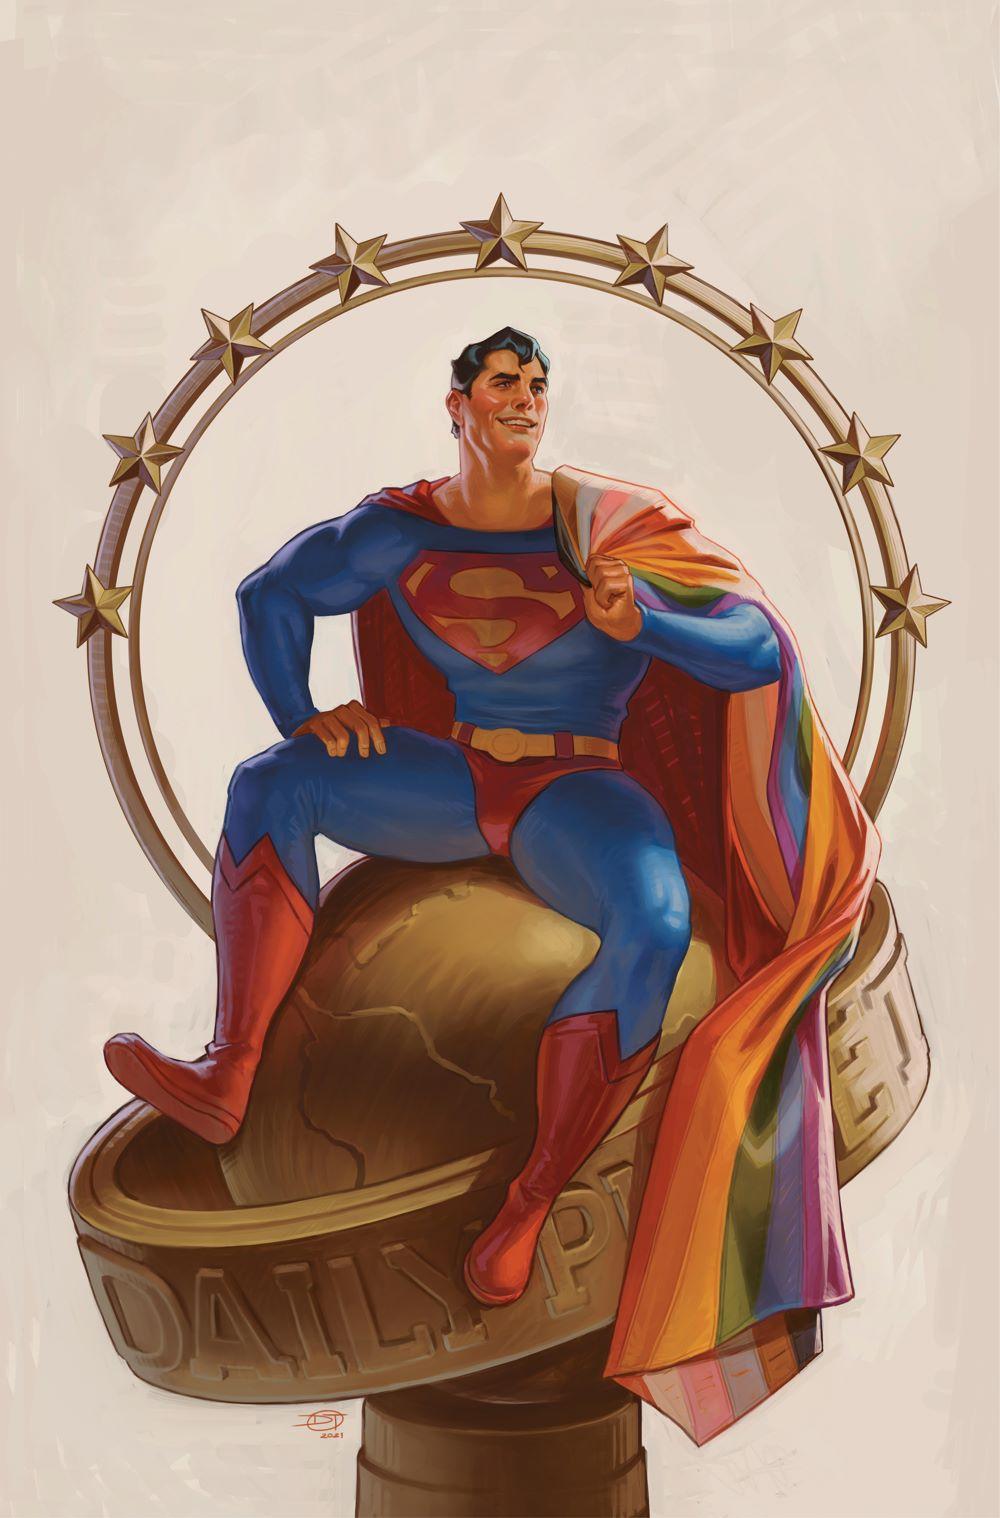 SUPERMAN_Cv32_PRIDE_var_NOTRADEDRESS DC Comics June 2021 Solicitations